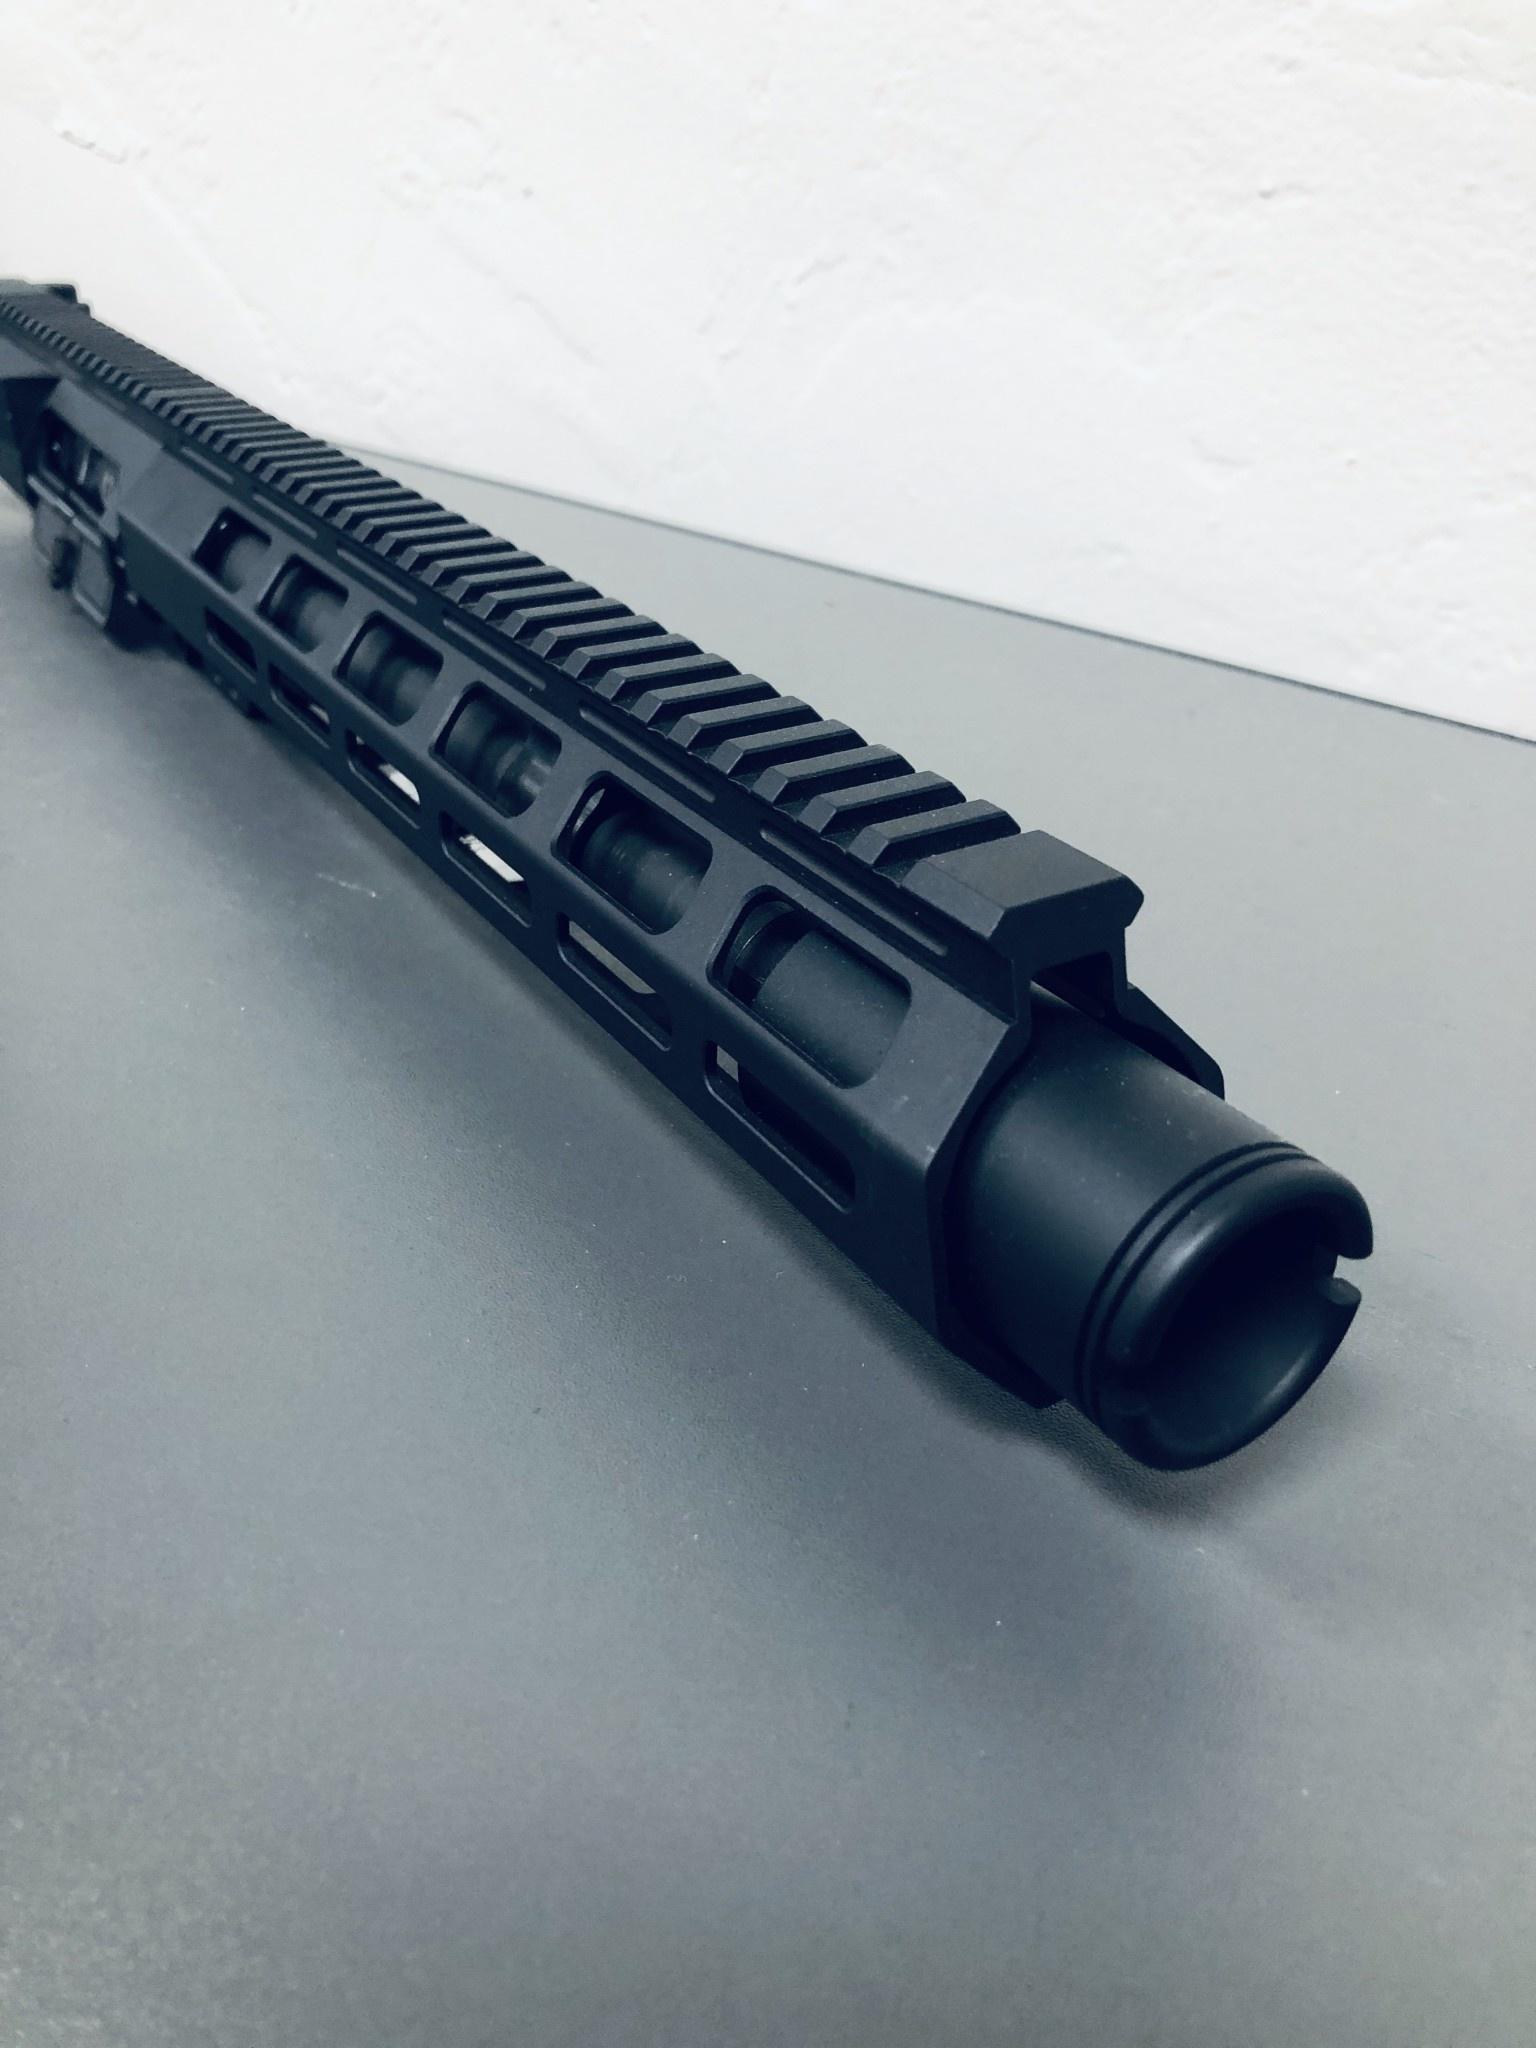 """NC Custom 10.5"""" LR308 1:10 416R CAR Duel Ejector BCG 12.5"""" KRAIT Upper w/ Flash Can"""